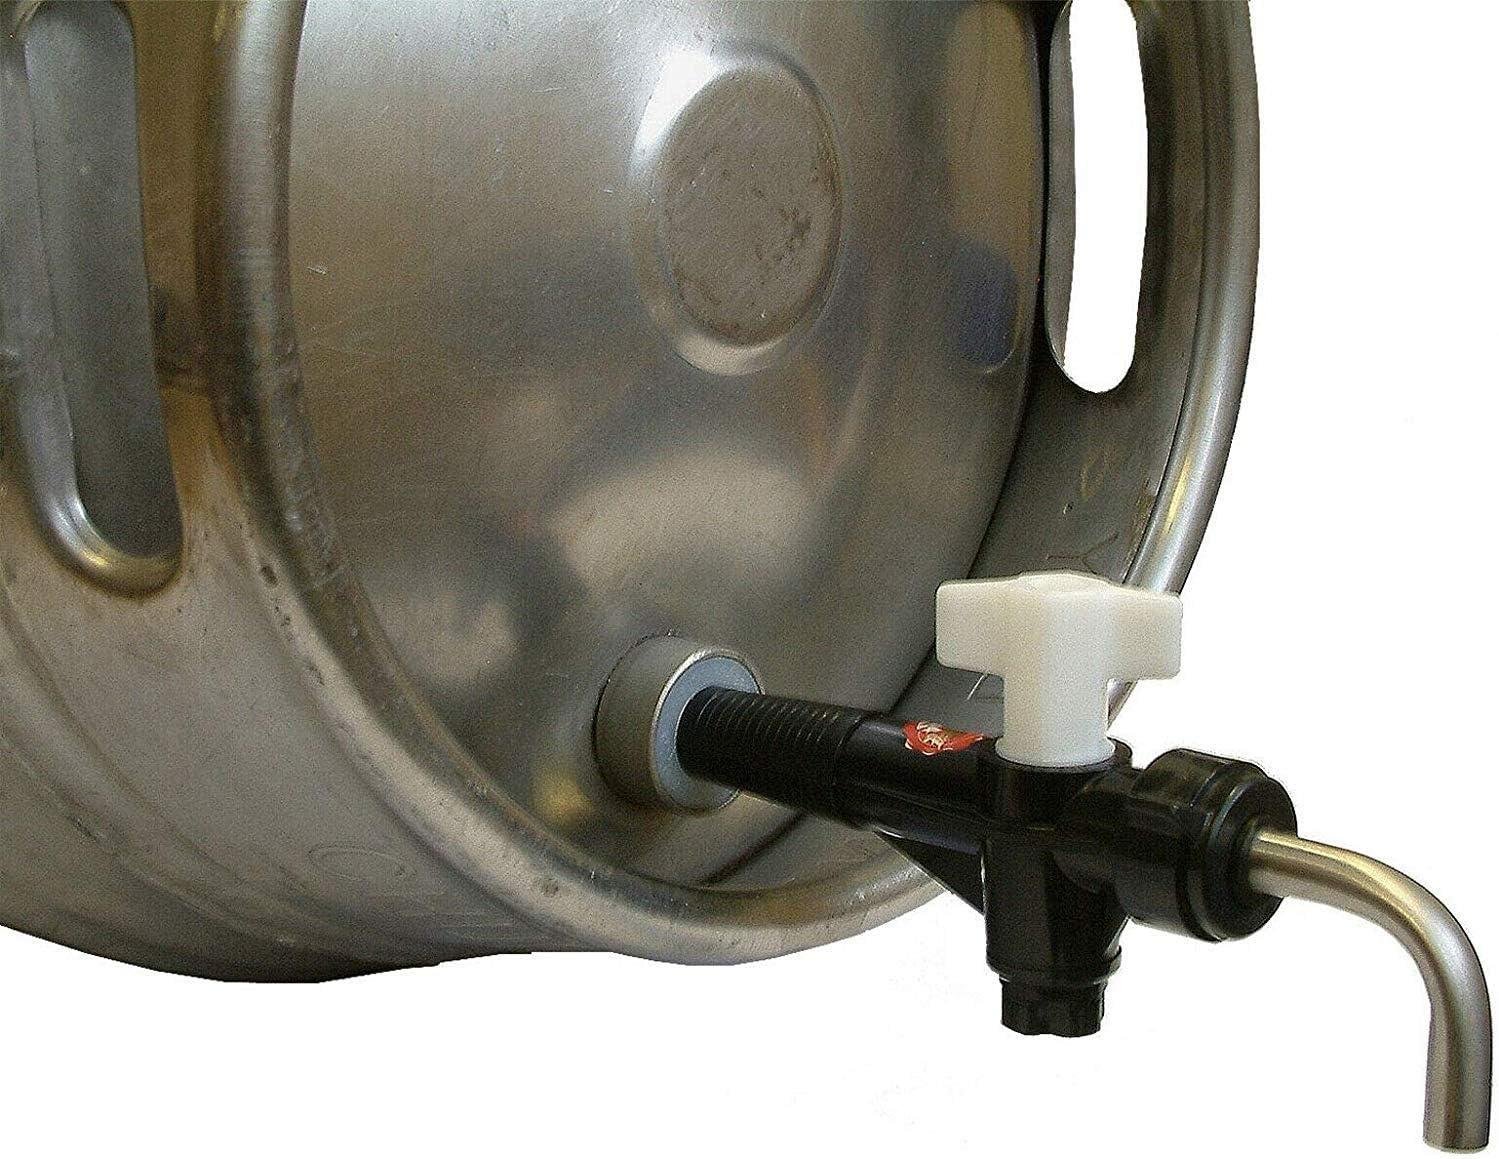 We Can Source It Ltd – Cask Ale Tap Barril de Cerveza, Barril de Barril de Barril de Cerveza, Grifo de Rosca y colador de lúpulo